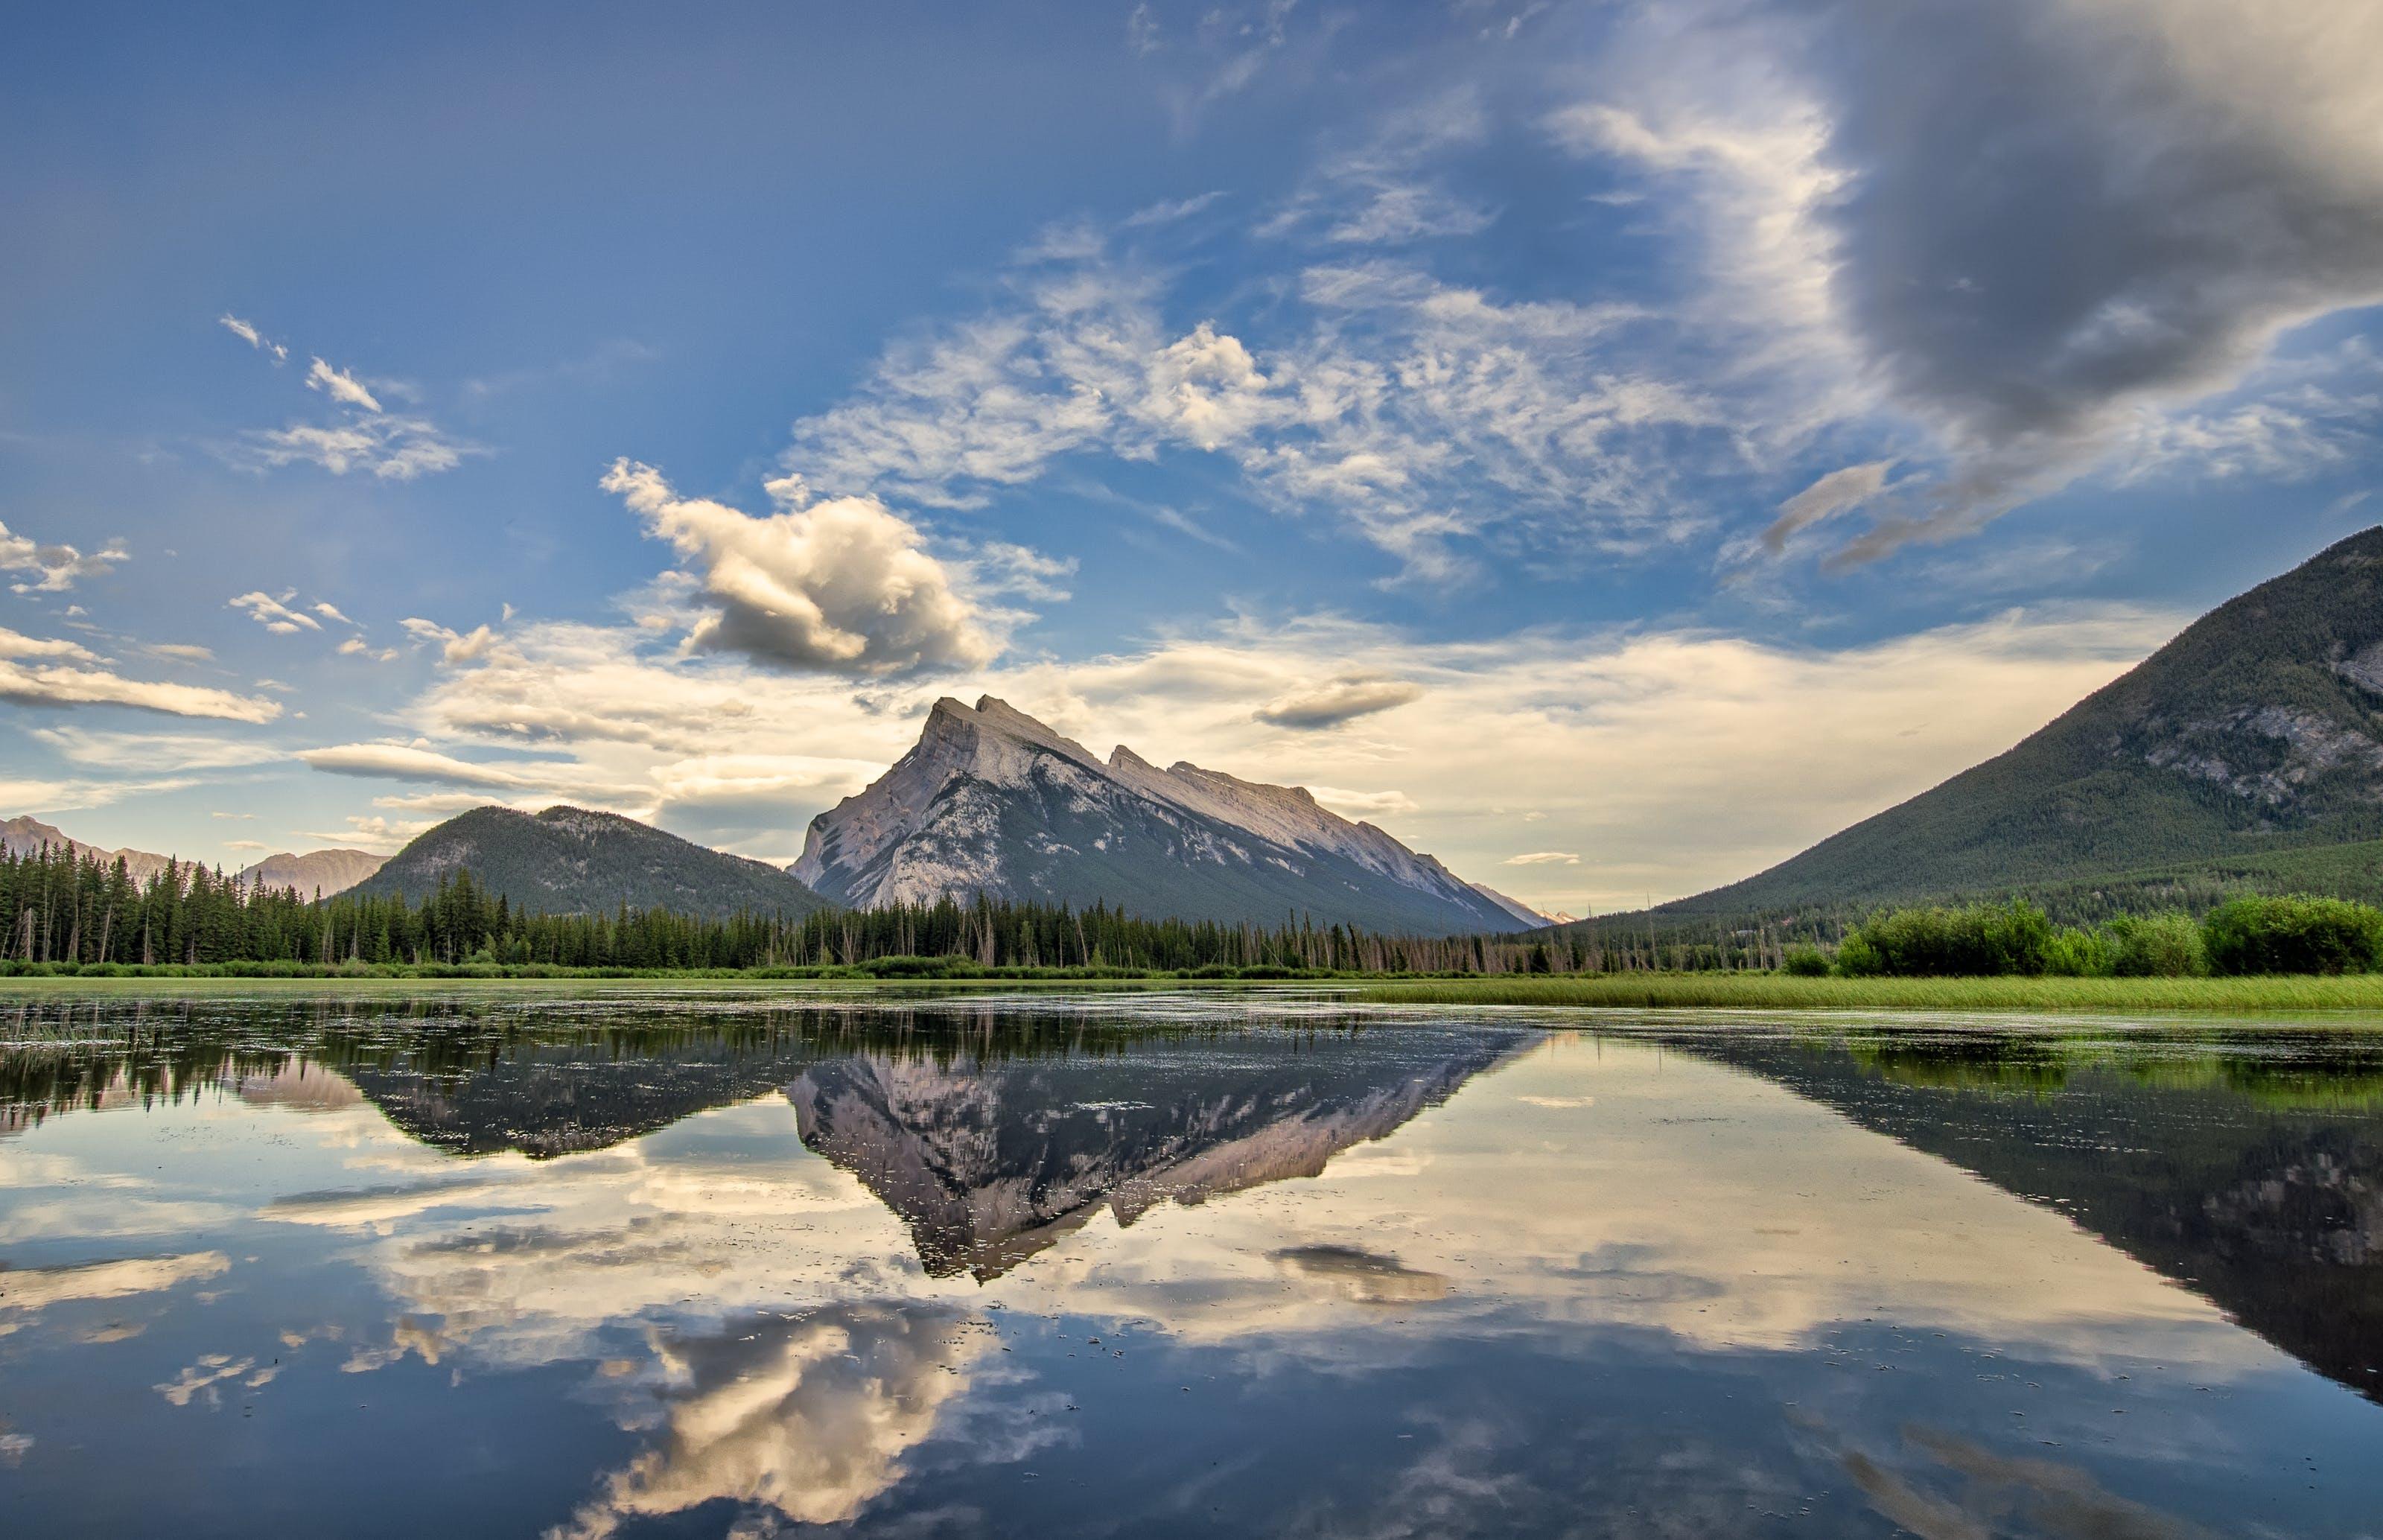 Body of Water Near Mountain Peaks